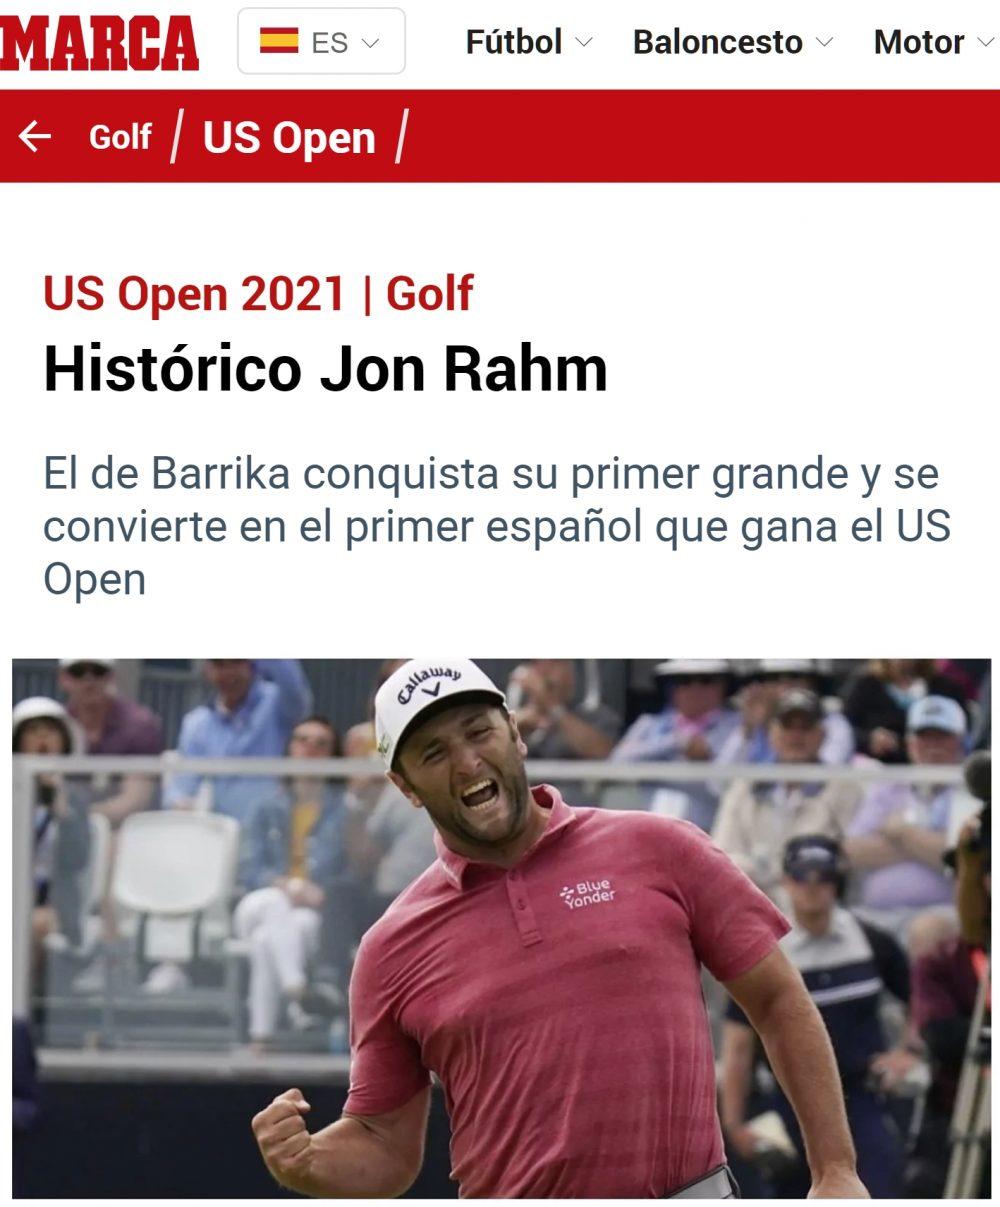 Jon Rahm se convierte en el primer español en ganar el U.S Open